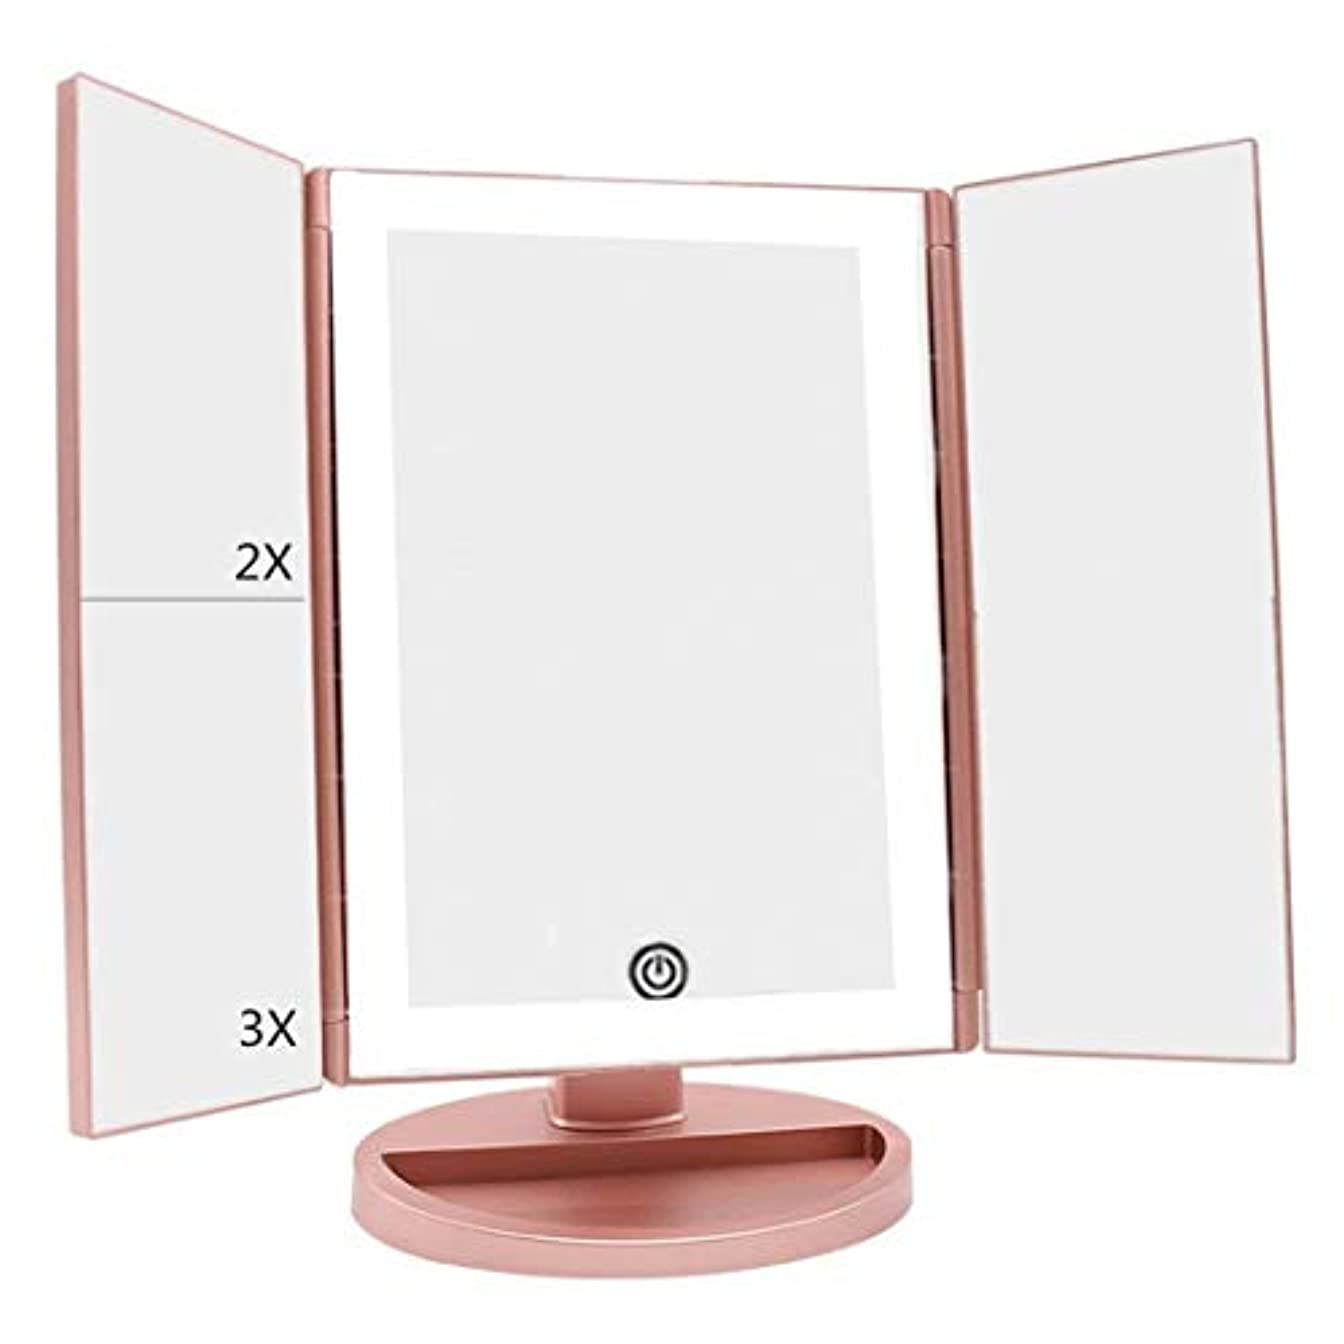 おとこうつ売るDeWEISN 最新 36 タッチスクリーン調光および3倍/ 2倍/ 1倍 倍率ミラー180度自由に回転カウンター化粧鏡と自然 日光三つ折り点灯洗面化粧台化粧鏡を導きました ローズゴールド